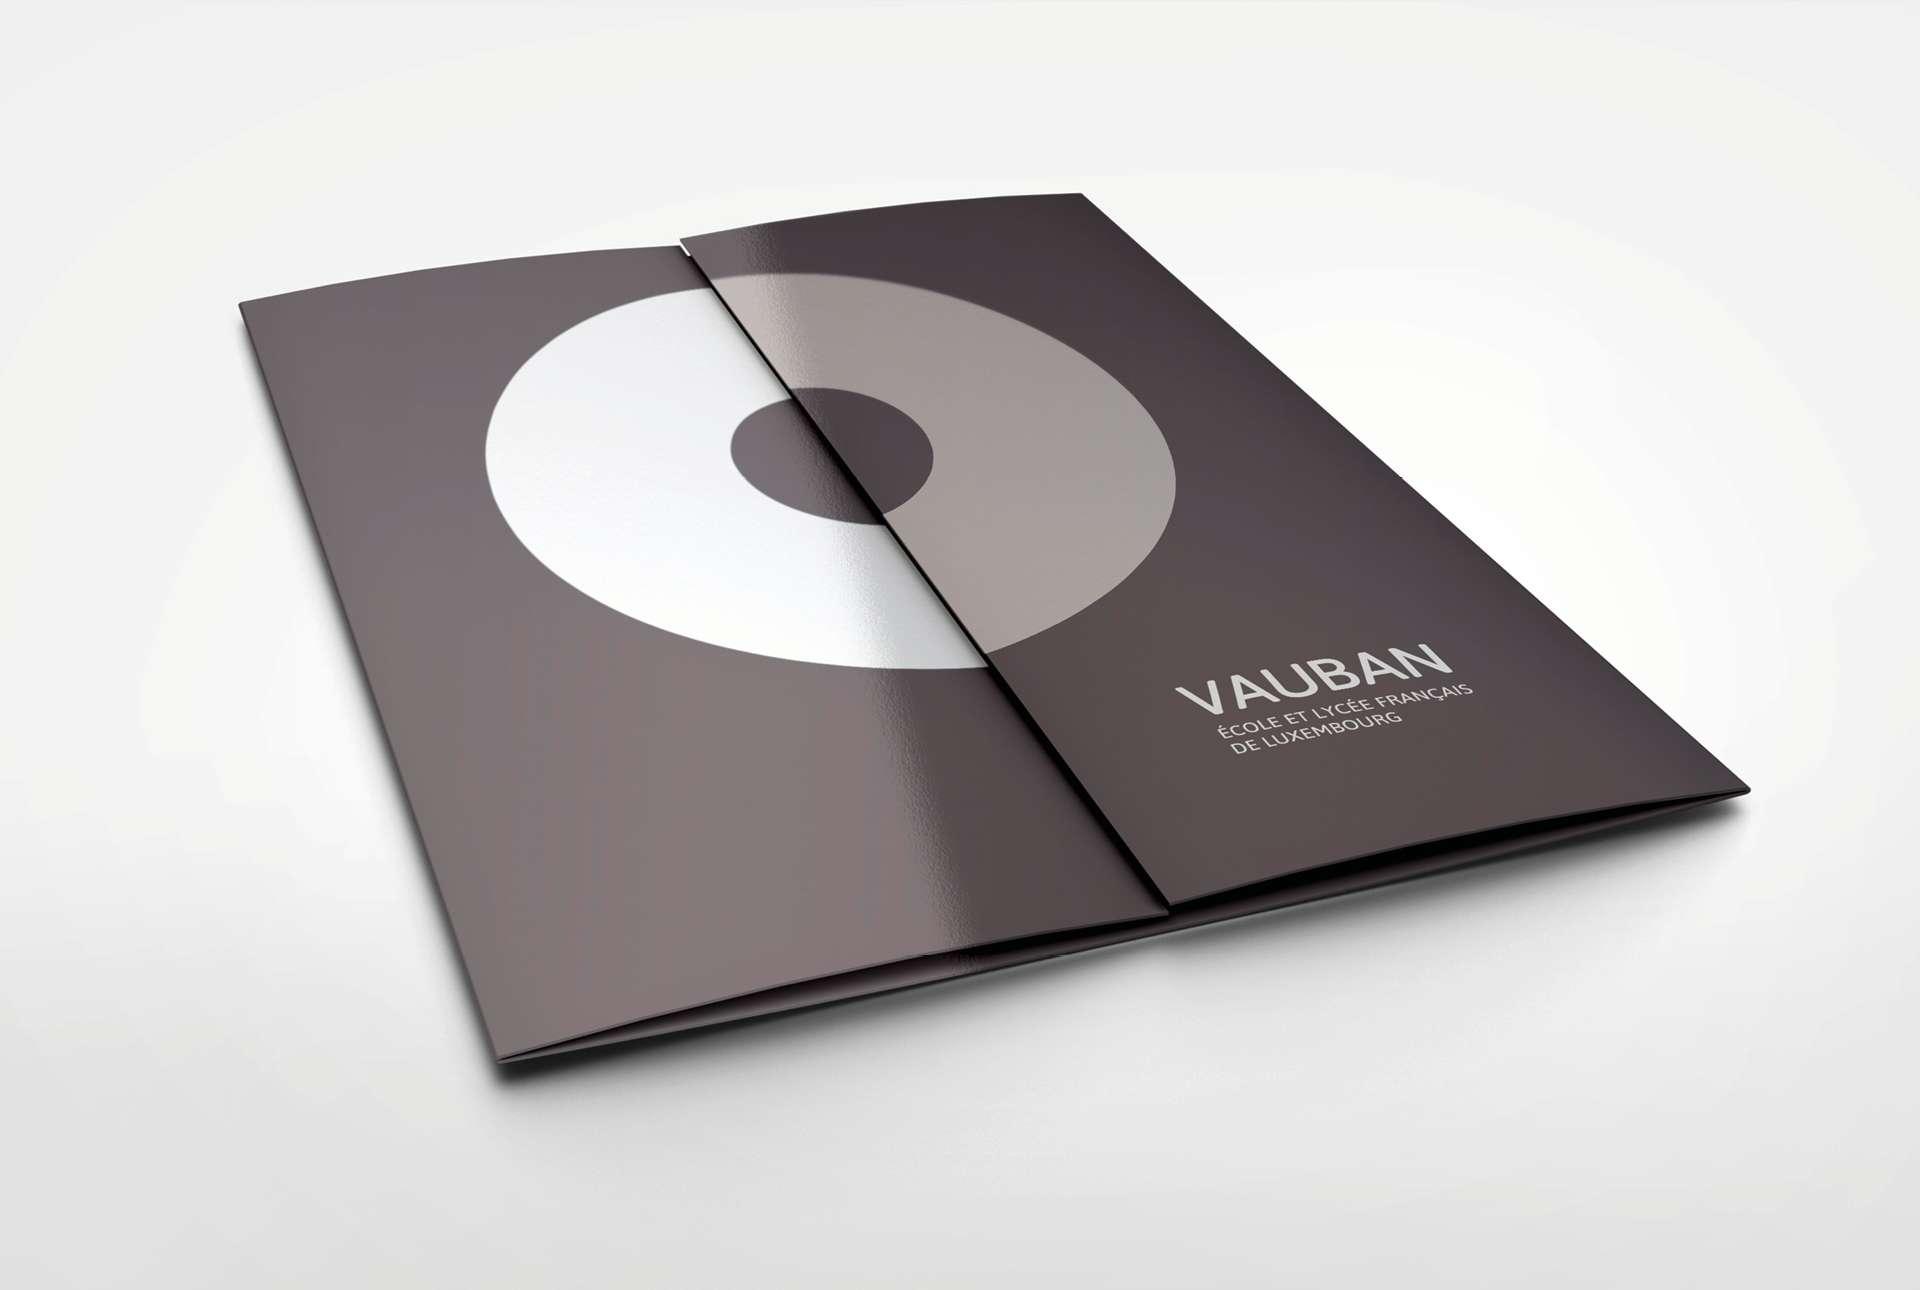 Dépliant des établissements Vauban au Luxembourg, un travail graphique réalisé par Comed